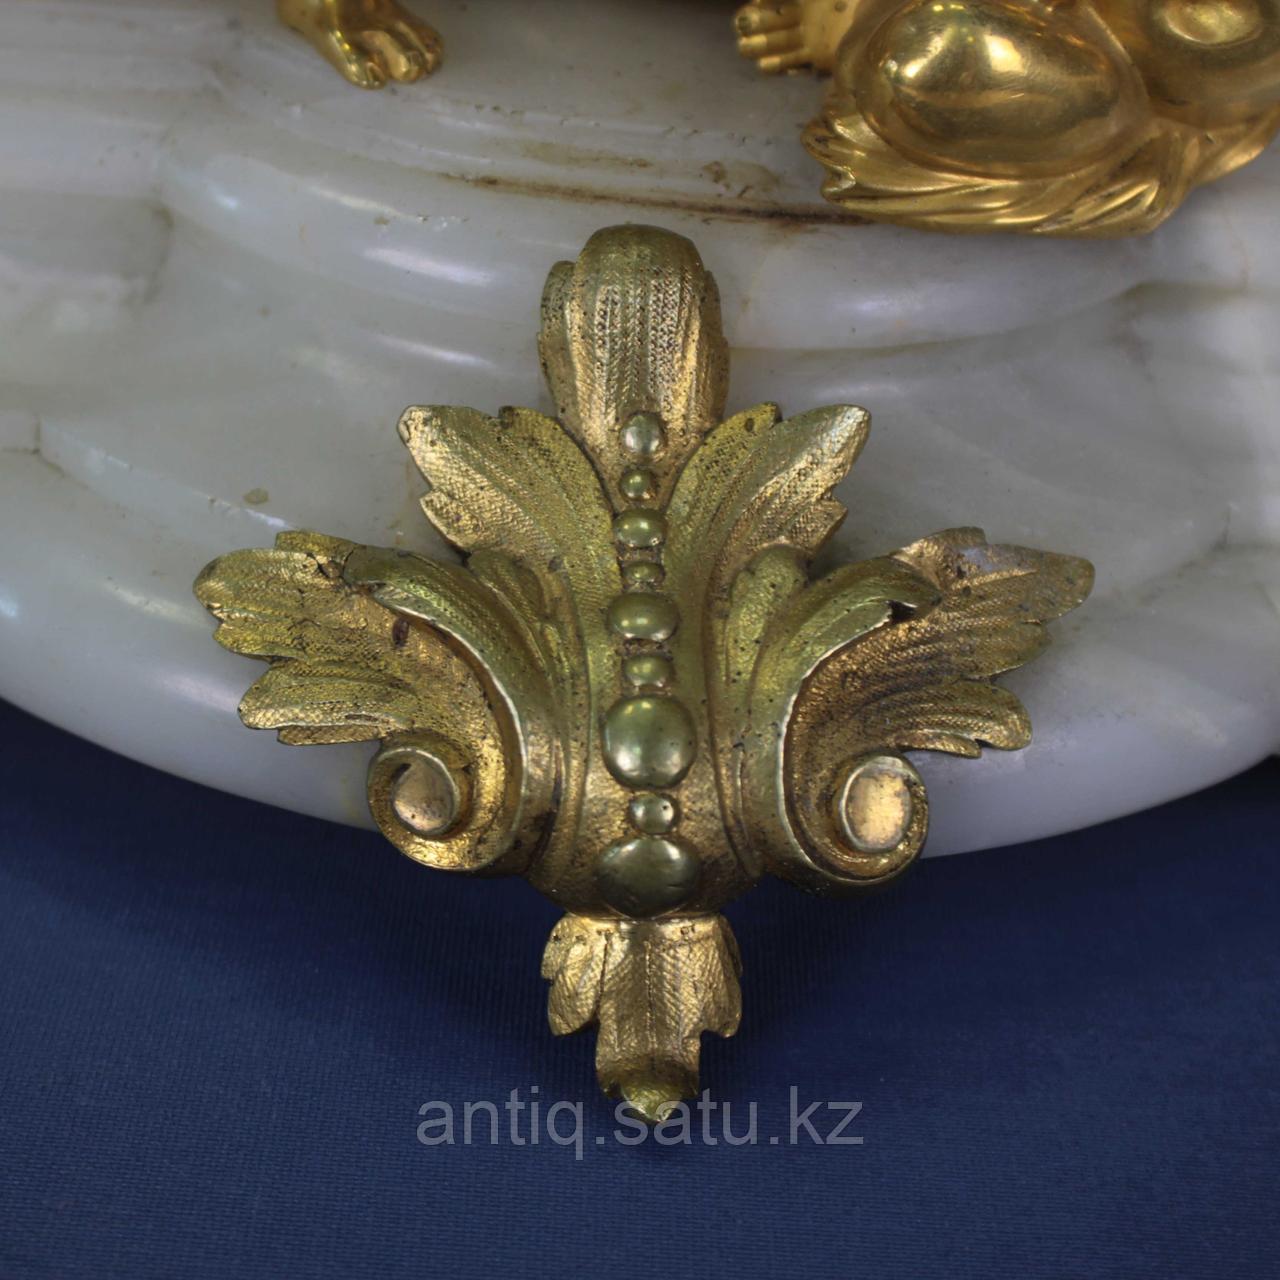 Каминные часы в стиле Людовика XVI. Часовая мастерская Miroy Freres - фото 8